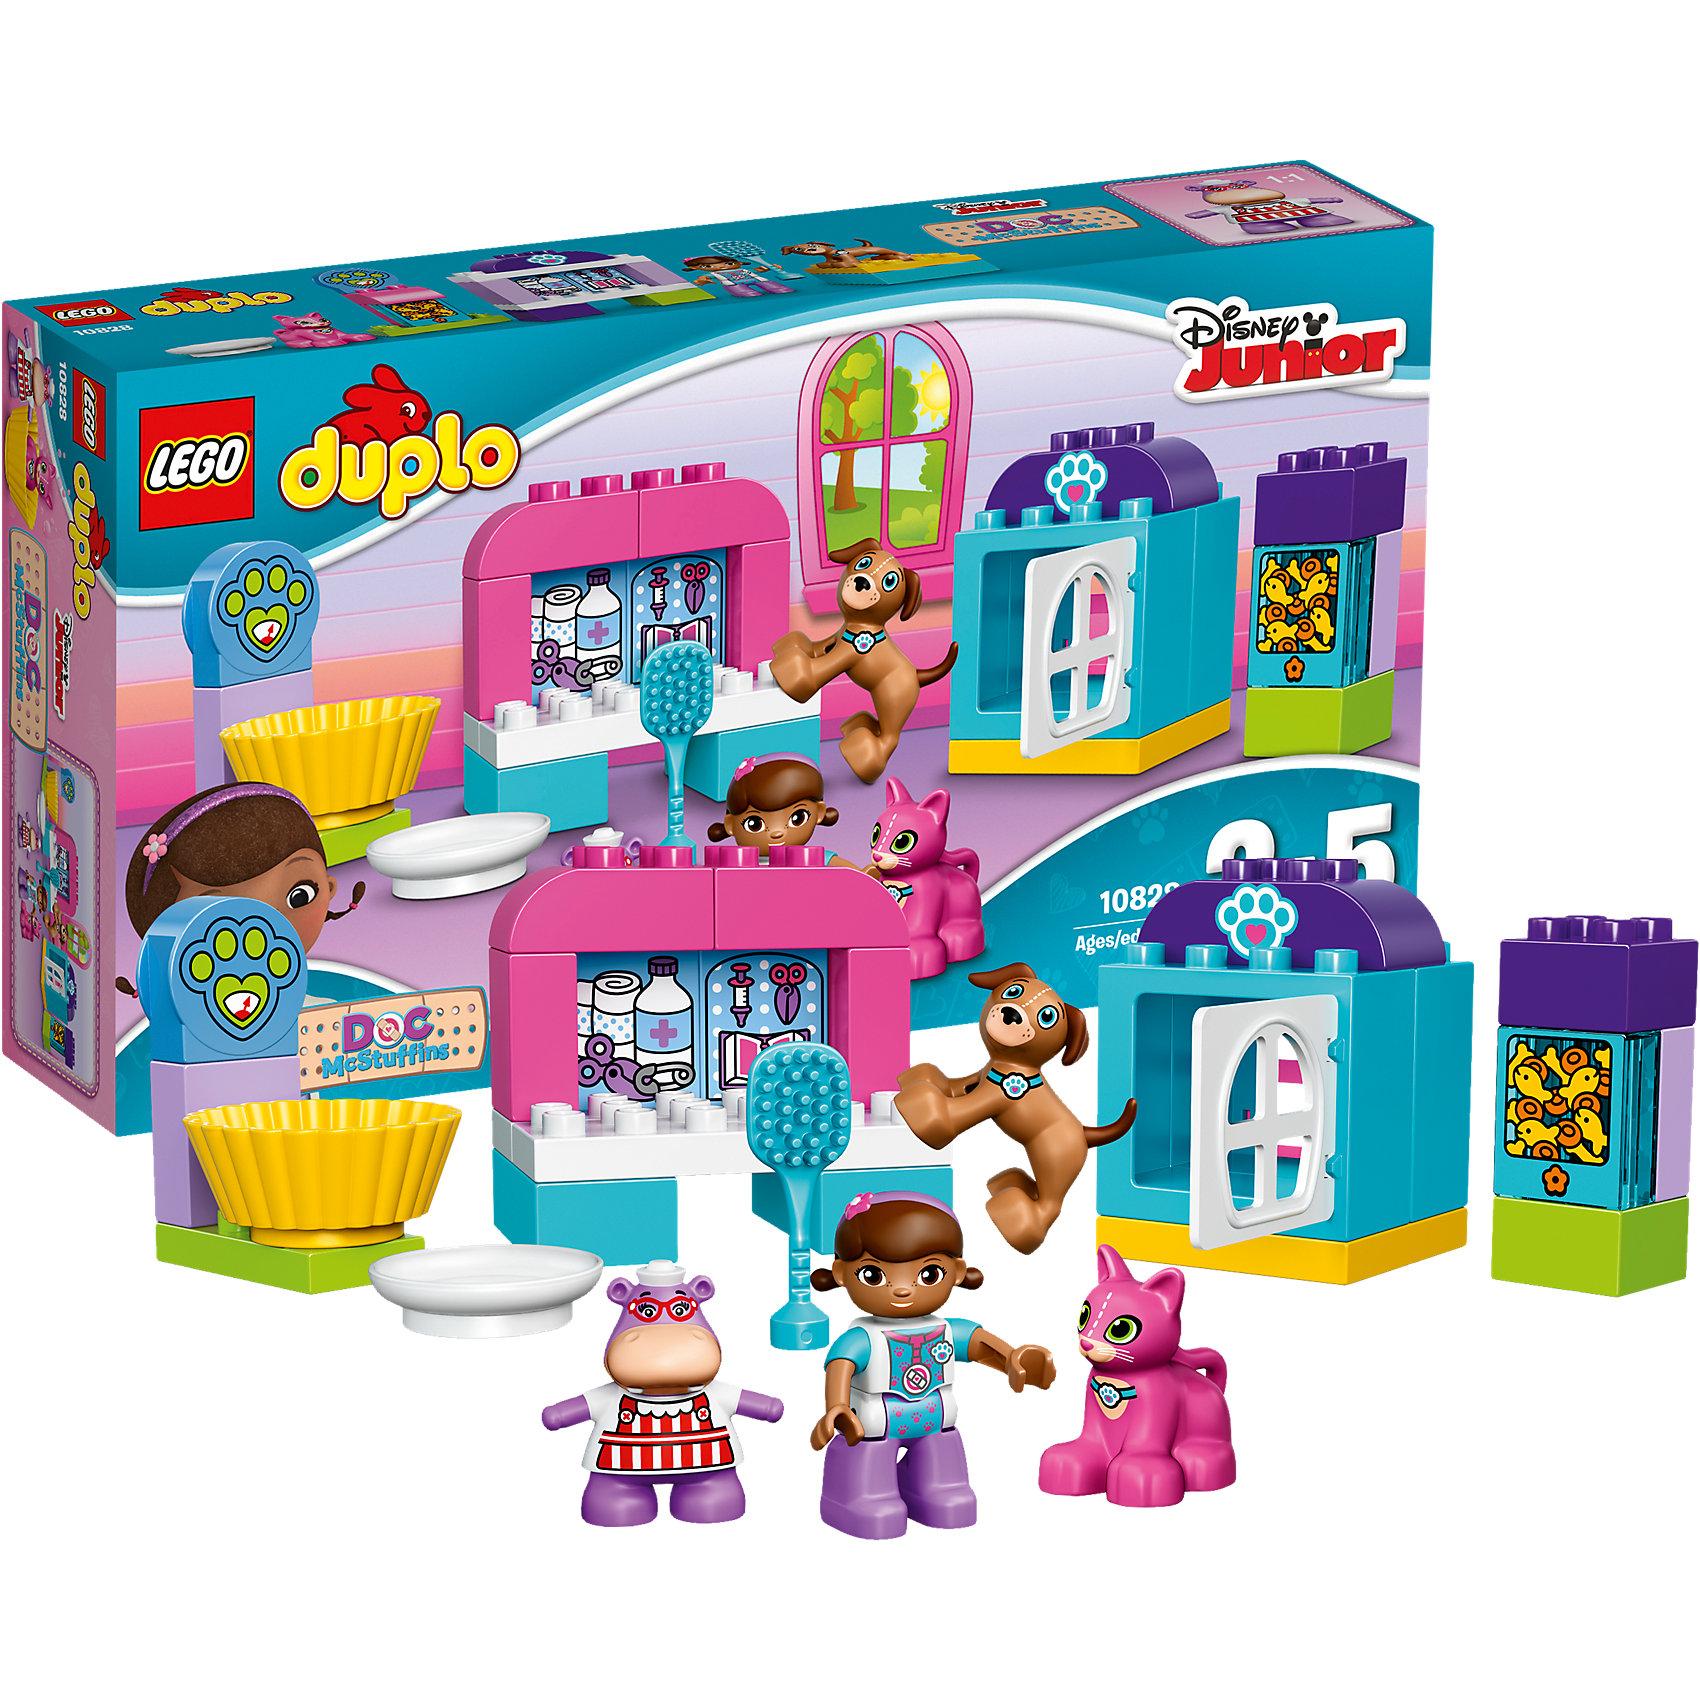 LEGO DUPLO  10828: Ветеринарная клиника доктора ПлюшевойДоктора Плюшеву обожает множество современных детей, поэтому набор Лего, из которого можно собрать ветеринарную клинику, обязательно обрадует ребенка. Такие игрушки помогают детям развивать воображение, мелкую моторику, логику и творческое мышление.<br>Набор состоит из множества деталей, с помощью которых можно сделать клинику для животных, а также в нем есть фигурки любимых персонажей! С таким комплектом можно придумать множество игр!<br><br>Дополнительная информация:<br><br>цвет: разноцветный;<br>размер коробки: 38 x 20 x 7 см;<br>вес: 500 г;<br>материал: пластик;<br>количество деталей: 30.<br><br>Набор Ветеринарная клиника доктора Плюшевой от бренда LEGO DUPLO можно купить в нашем магазине.<br><br>Ширина мм: 356<br>Глубина мм: 190<br>Высота мм: 71<br>Вес г: 417<br>Возраст от месяцев: 24<br>Возраст до месяцев: 60<br>Пол: Женский<br>Возраст: Детский<br>SKU: 4641194